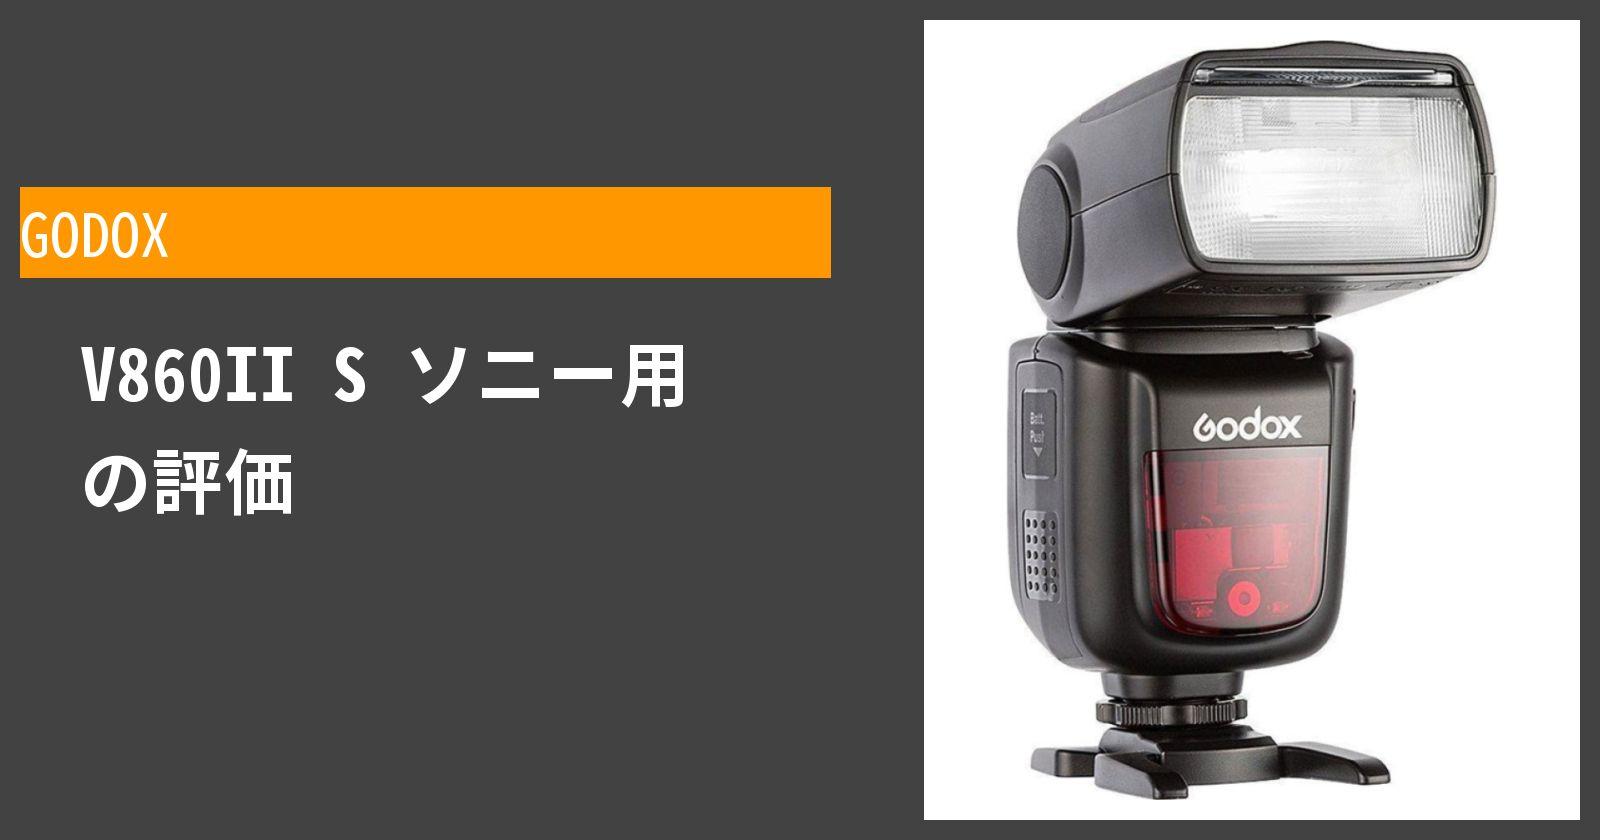 V860II S ソニー用を徹底評価